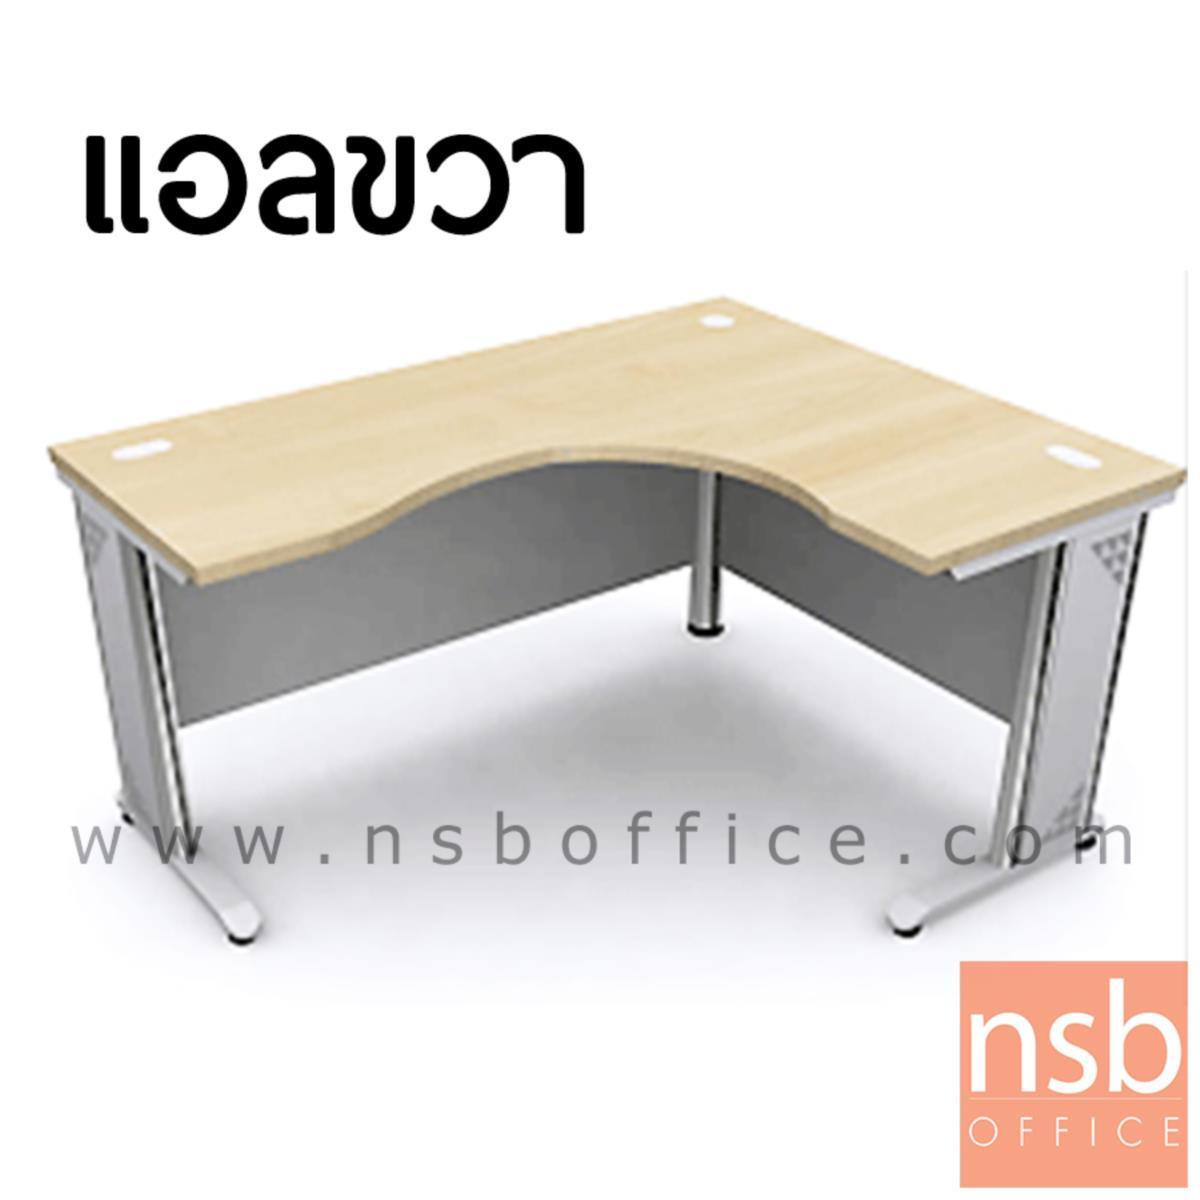 โต๊ะทำงานตัวแอลหน้าโค้งเว้า รุ่น Camilo (คามิโล) ขนาด 150W1 ,165W1 ,180W1*120W2 cm.  ขาเหล็ก